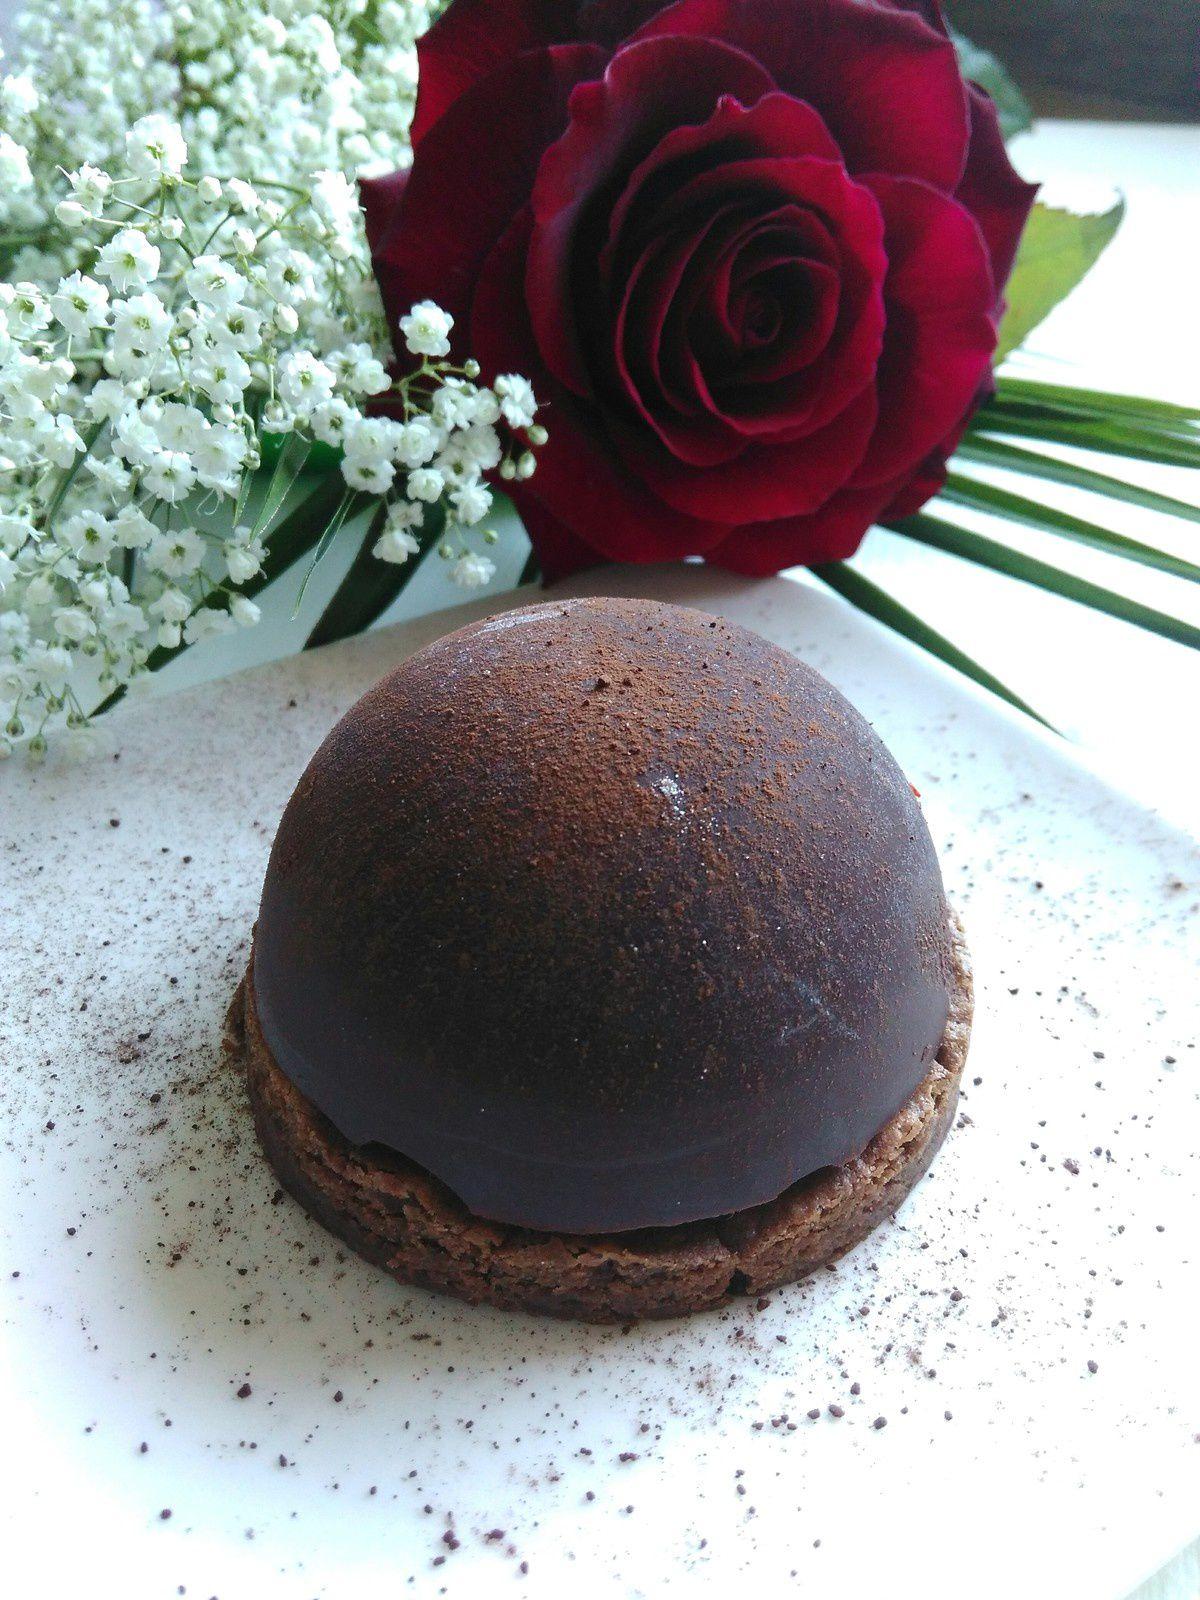 Dôme chocolat noir à la mousse de chocolat blanc & piment d'Espelette ~ Recette sans lactose pour une Saint ou Sans Valentin Veggie ~